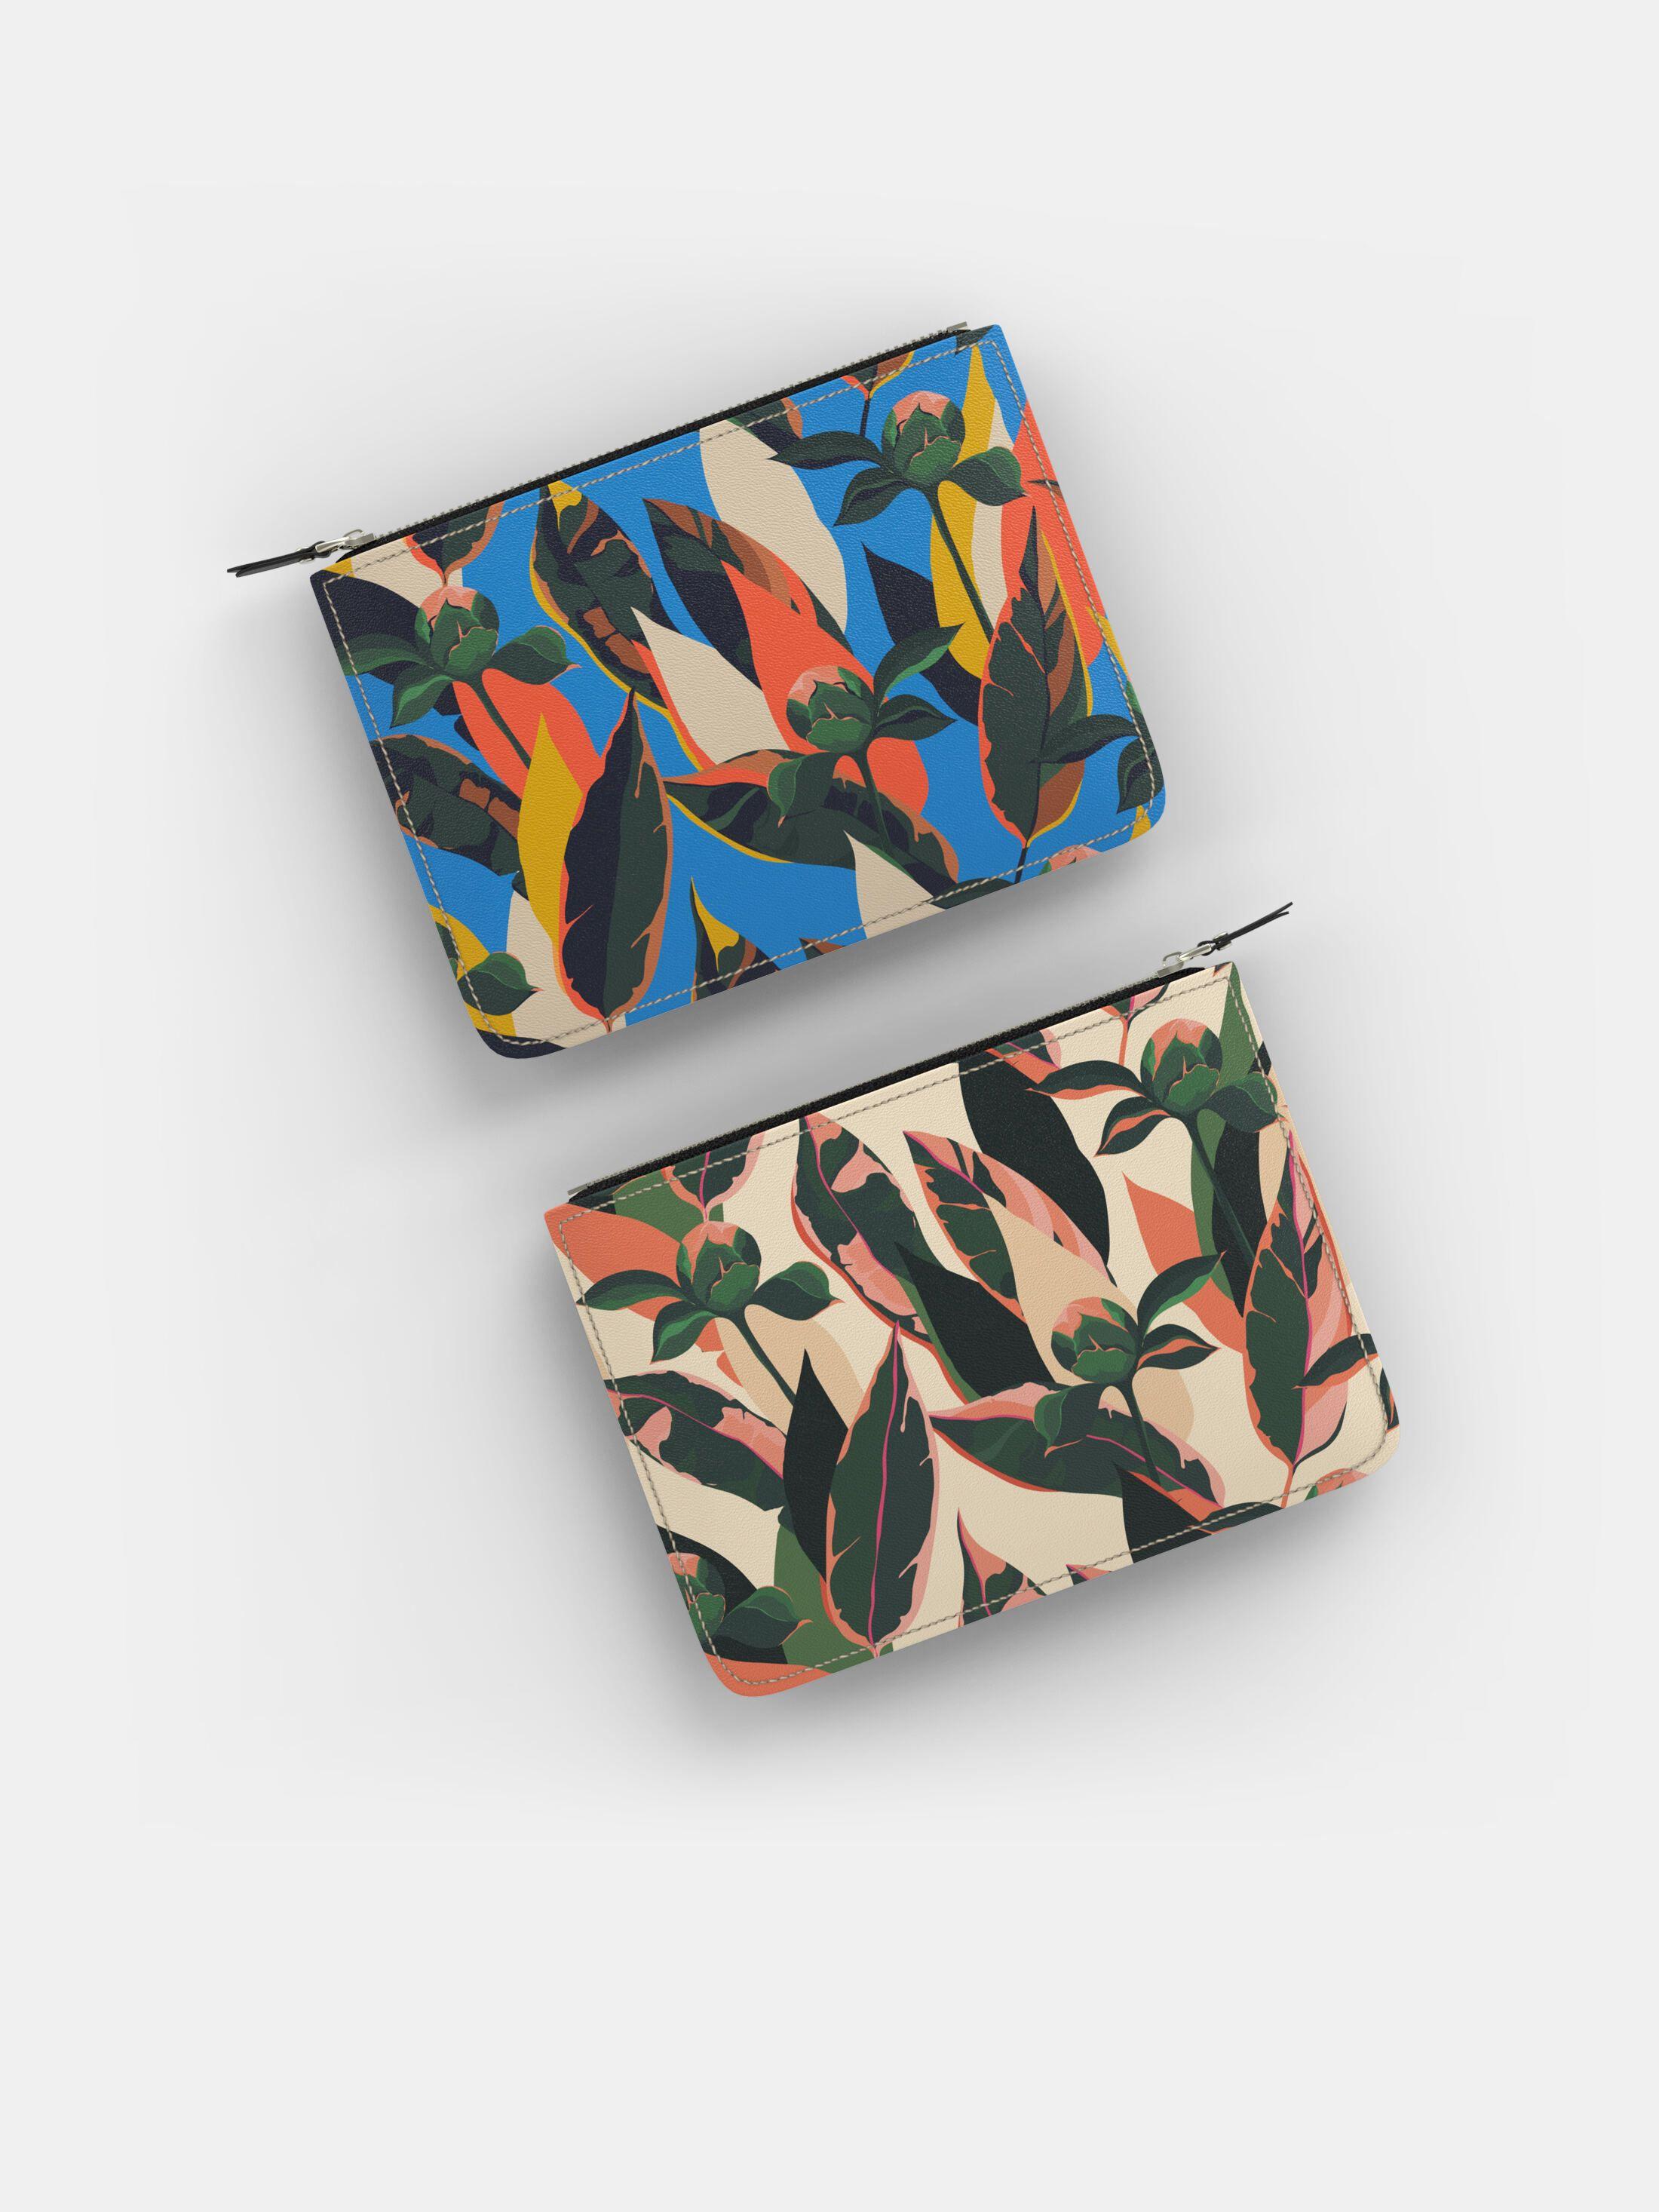 designa din egen läderväska